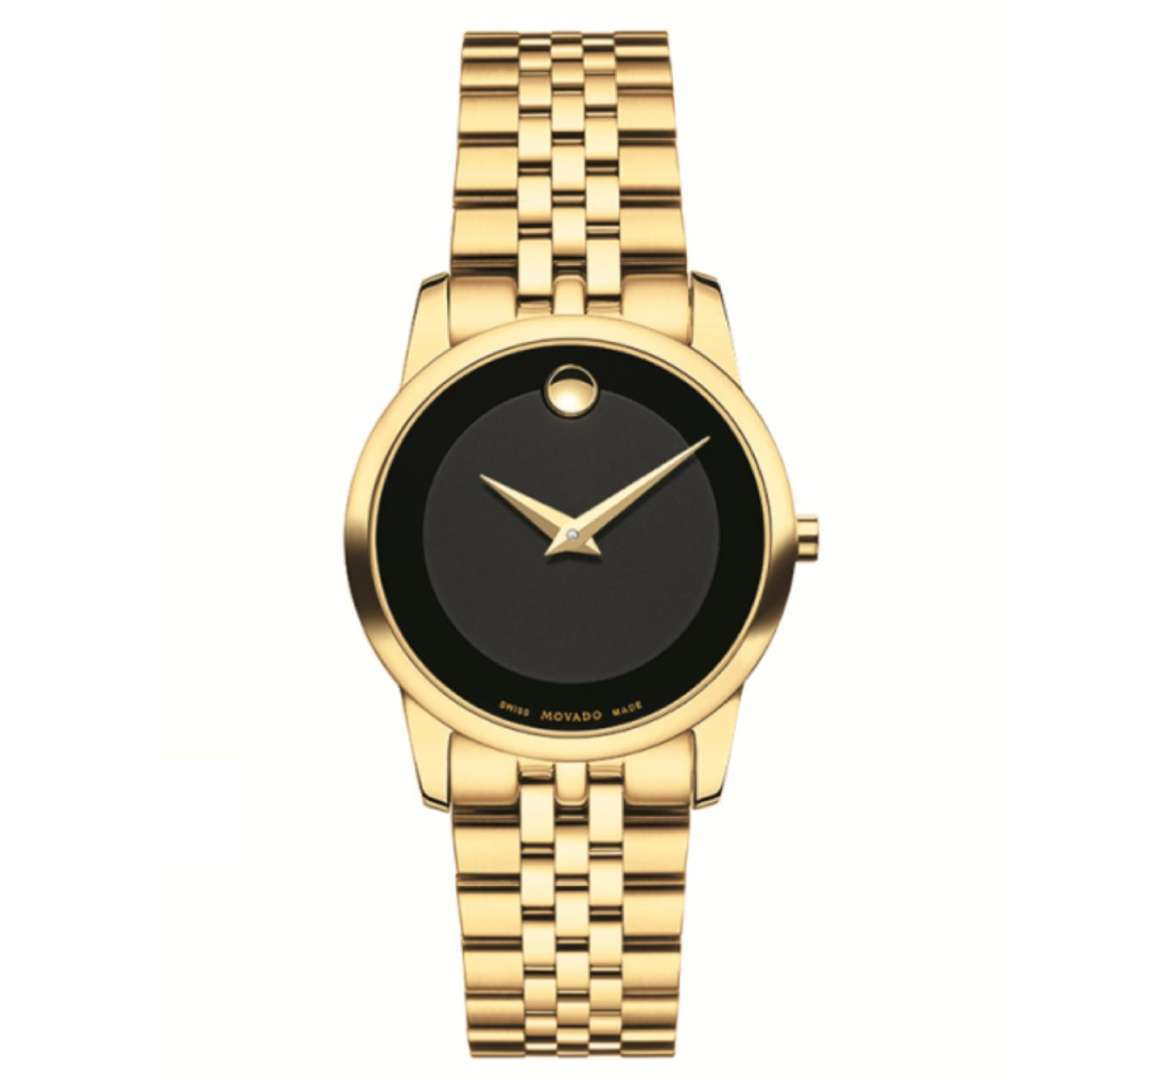 שעון יד אנלוגי 0607005 Movado מובאדו